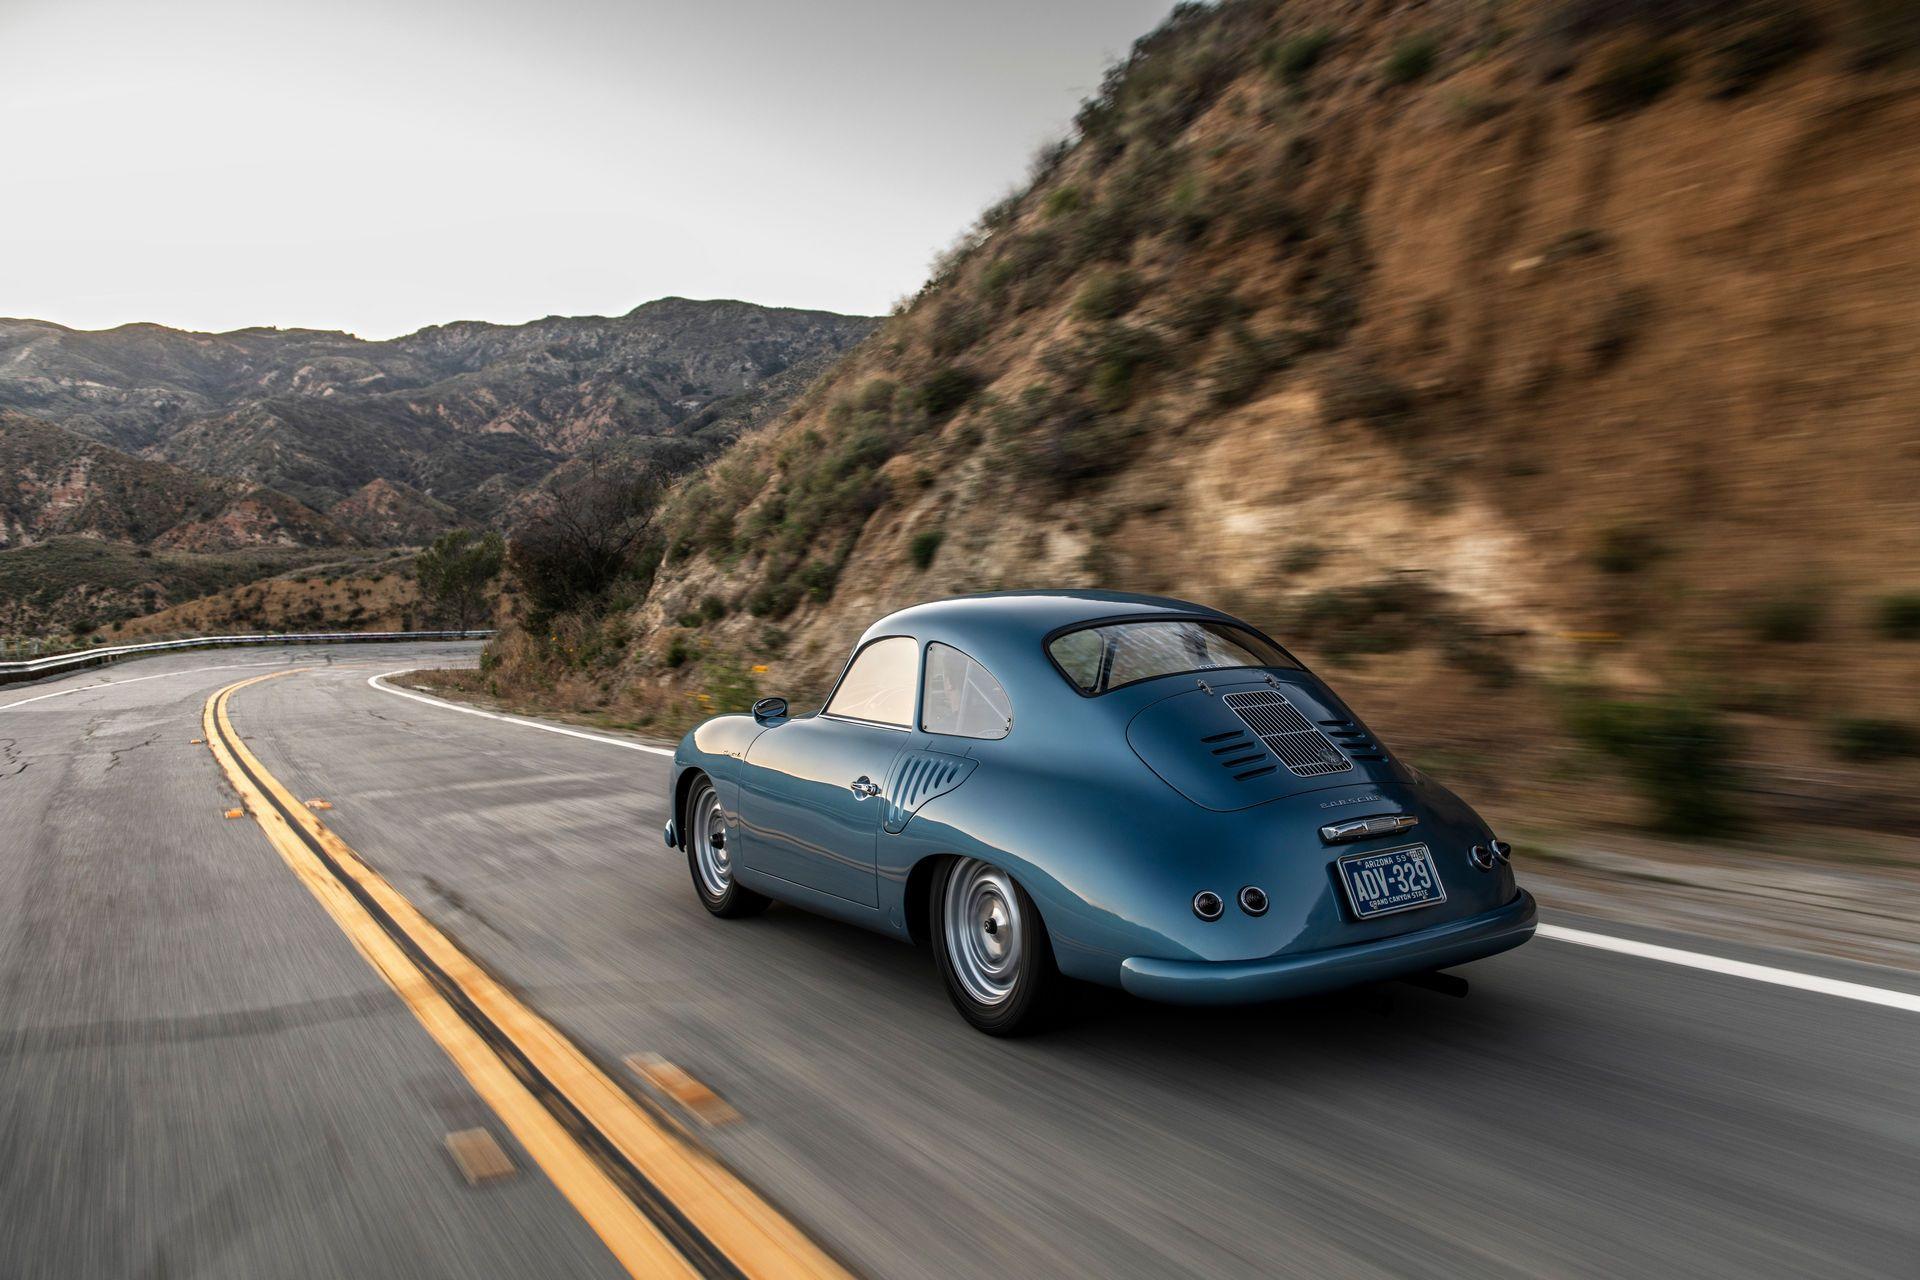 Porsche-356-A-Coupe-Restomod-Emory-Motorsports-30